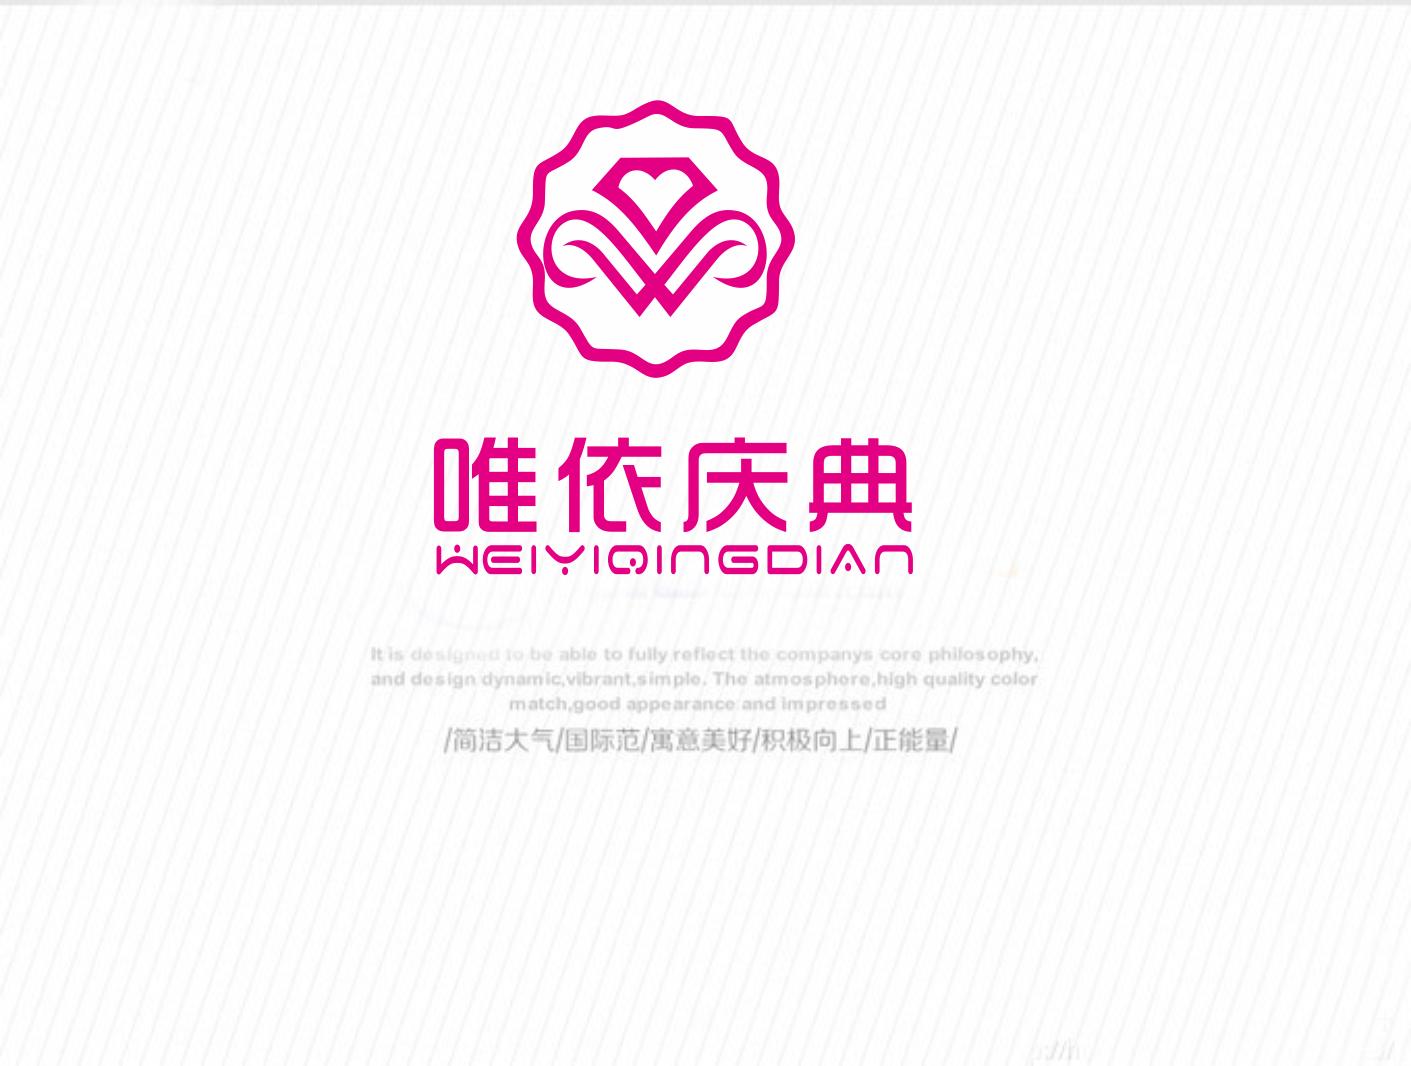 婚庆公司logo和vi设计图片